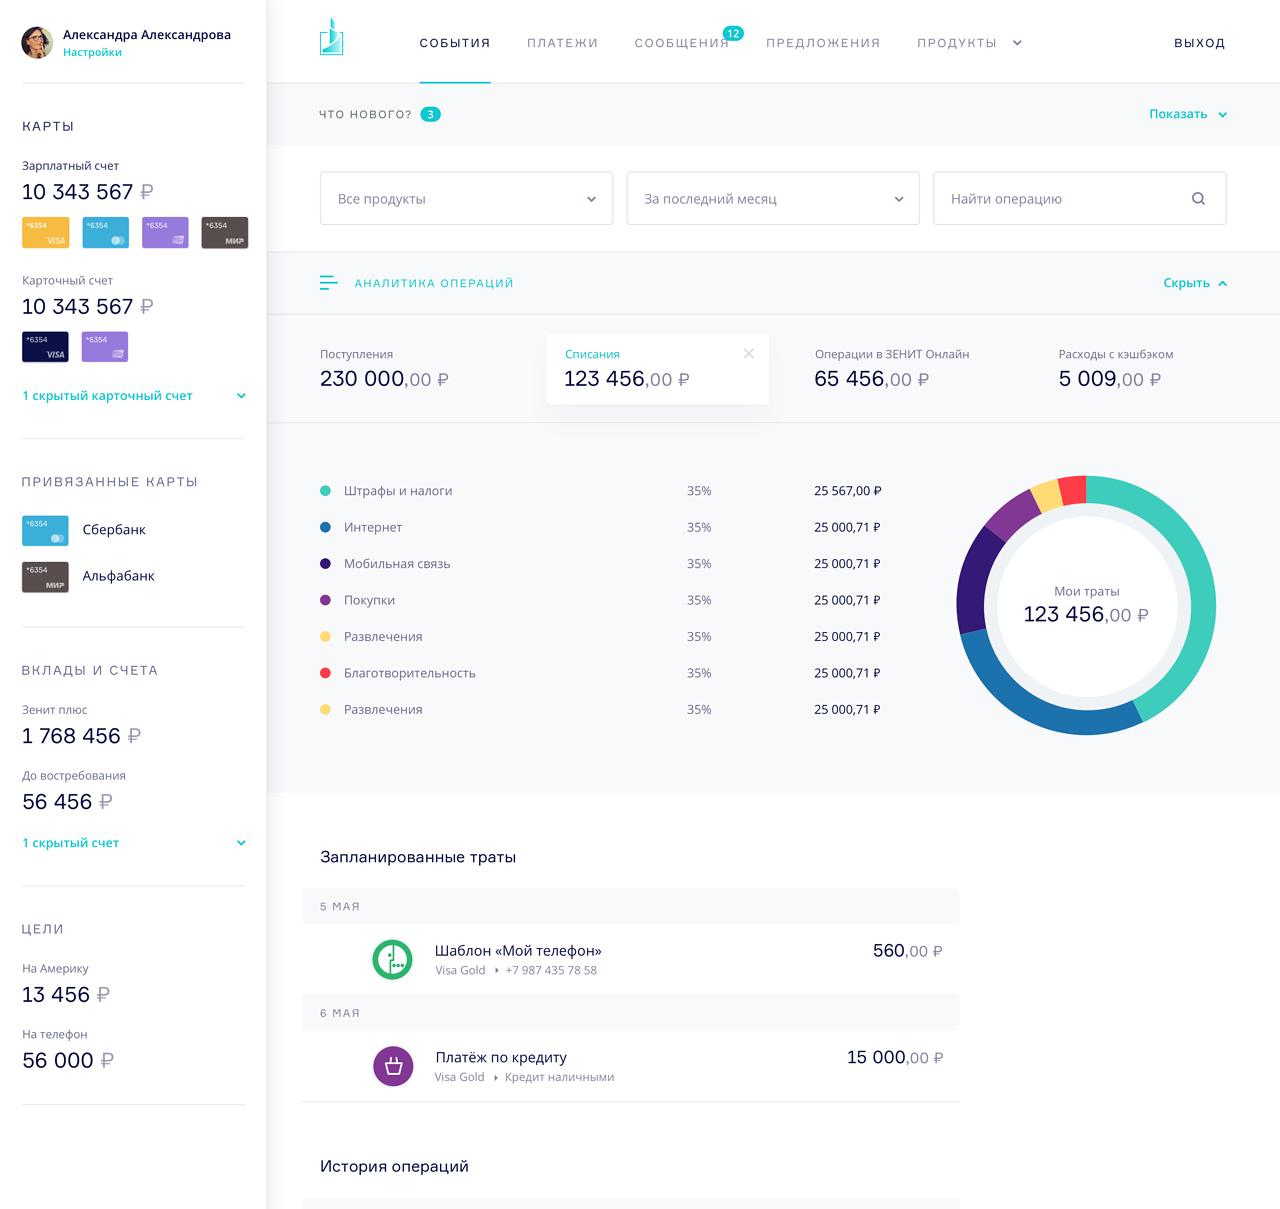 Банк «Зенит». Редизайн сайта и ДБО